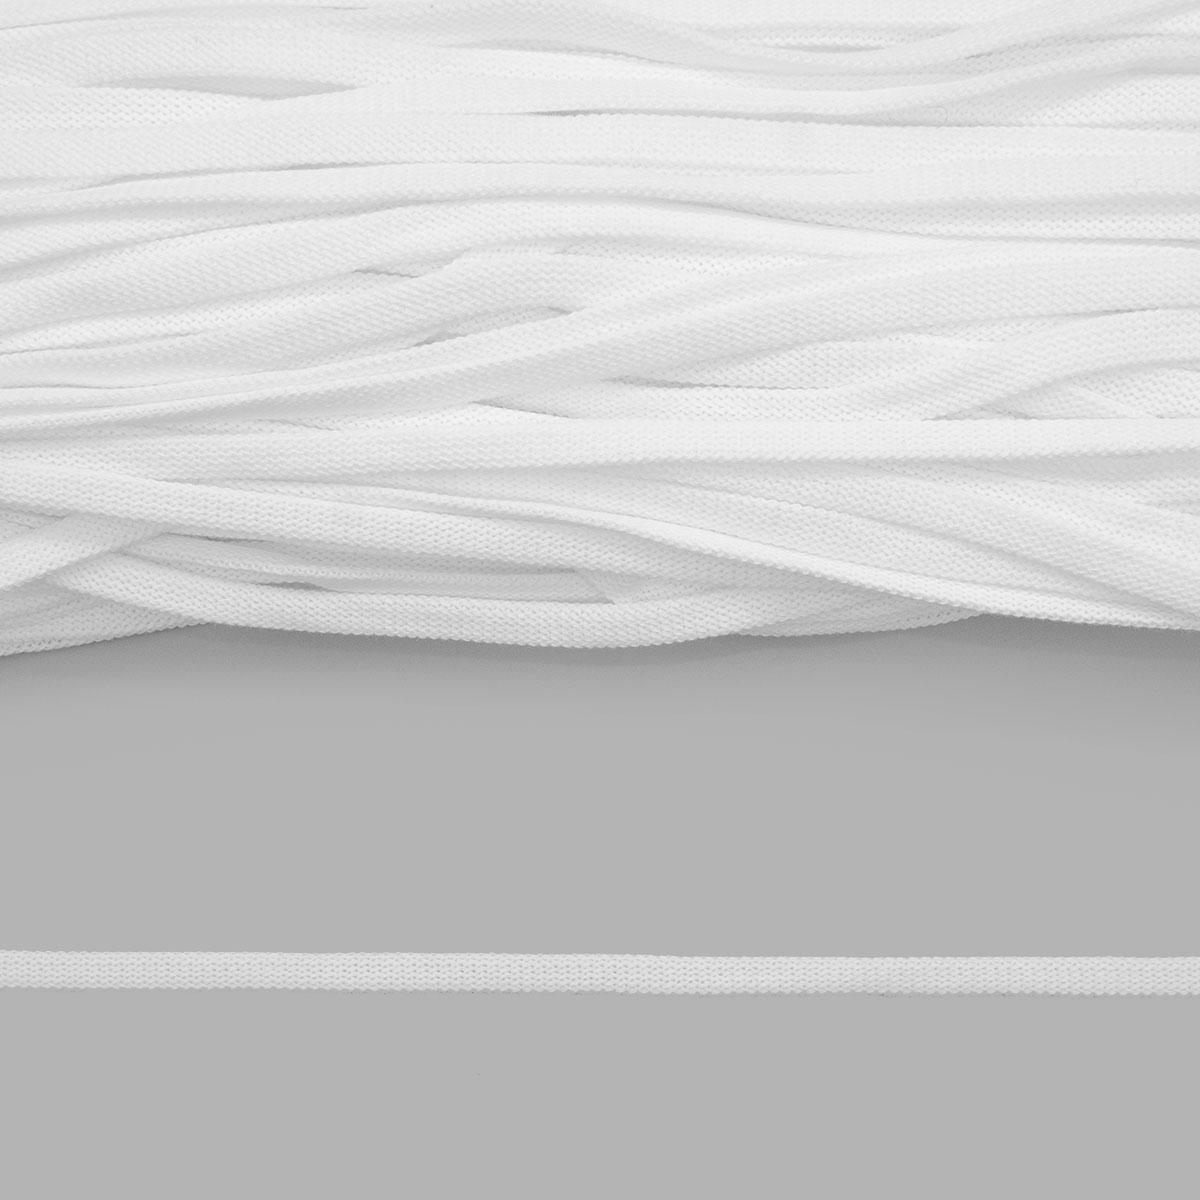 р6651 Шнур плетеный 10мм*100м, (хлопок 100%)